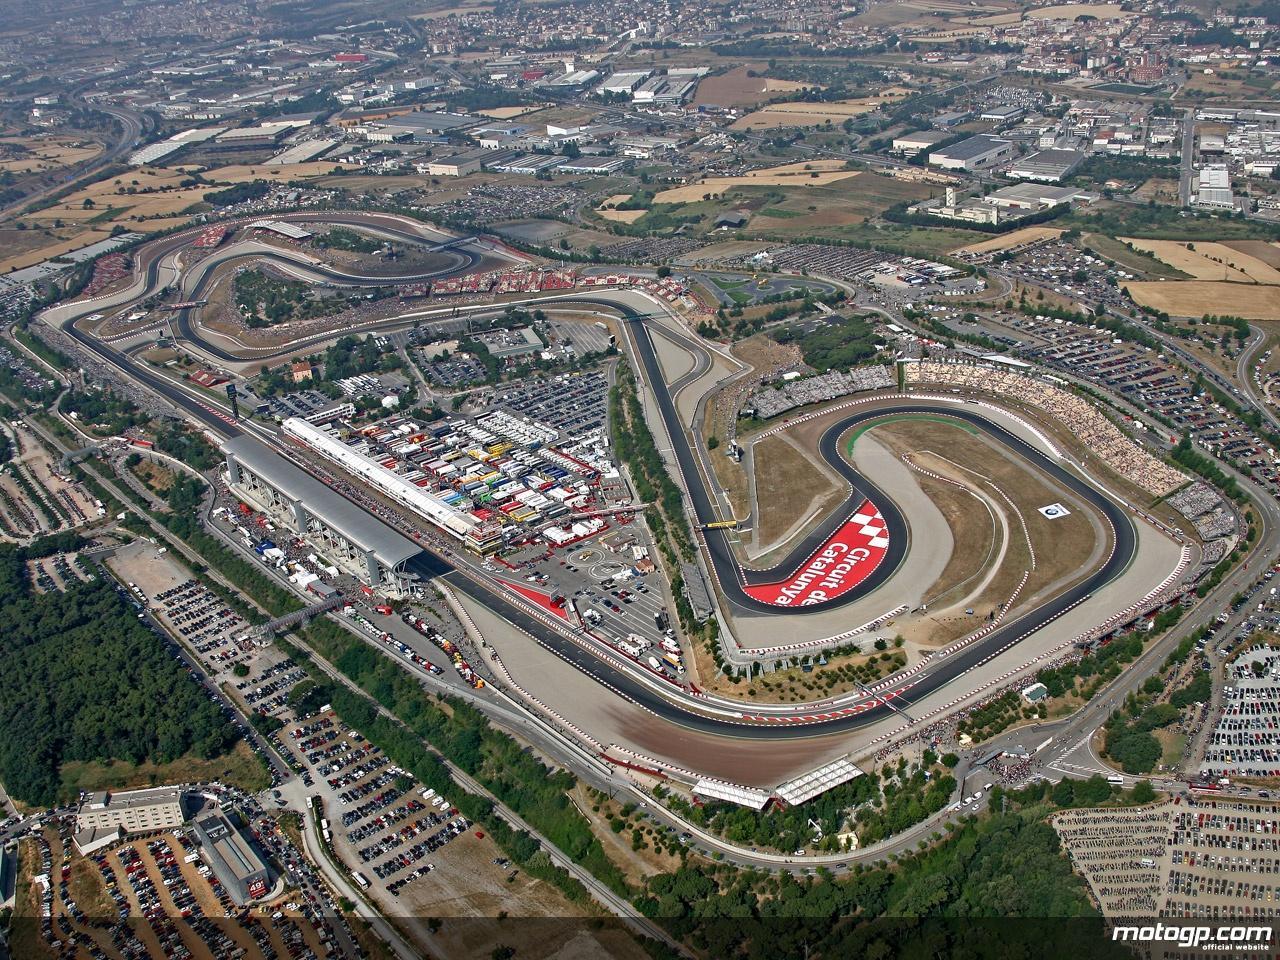 2012MotoGP_rd05_Circuit de Catalunya barcelona